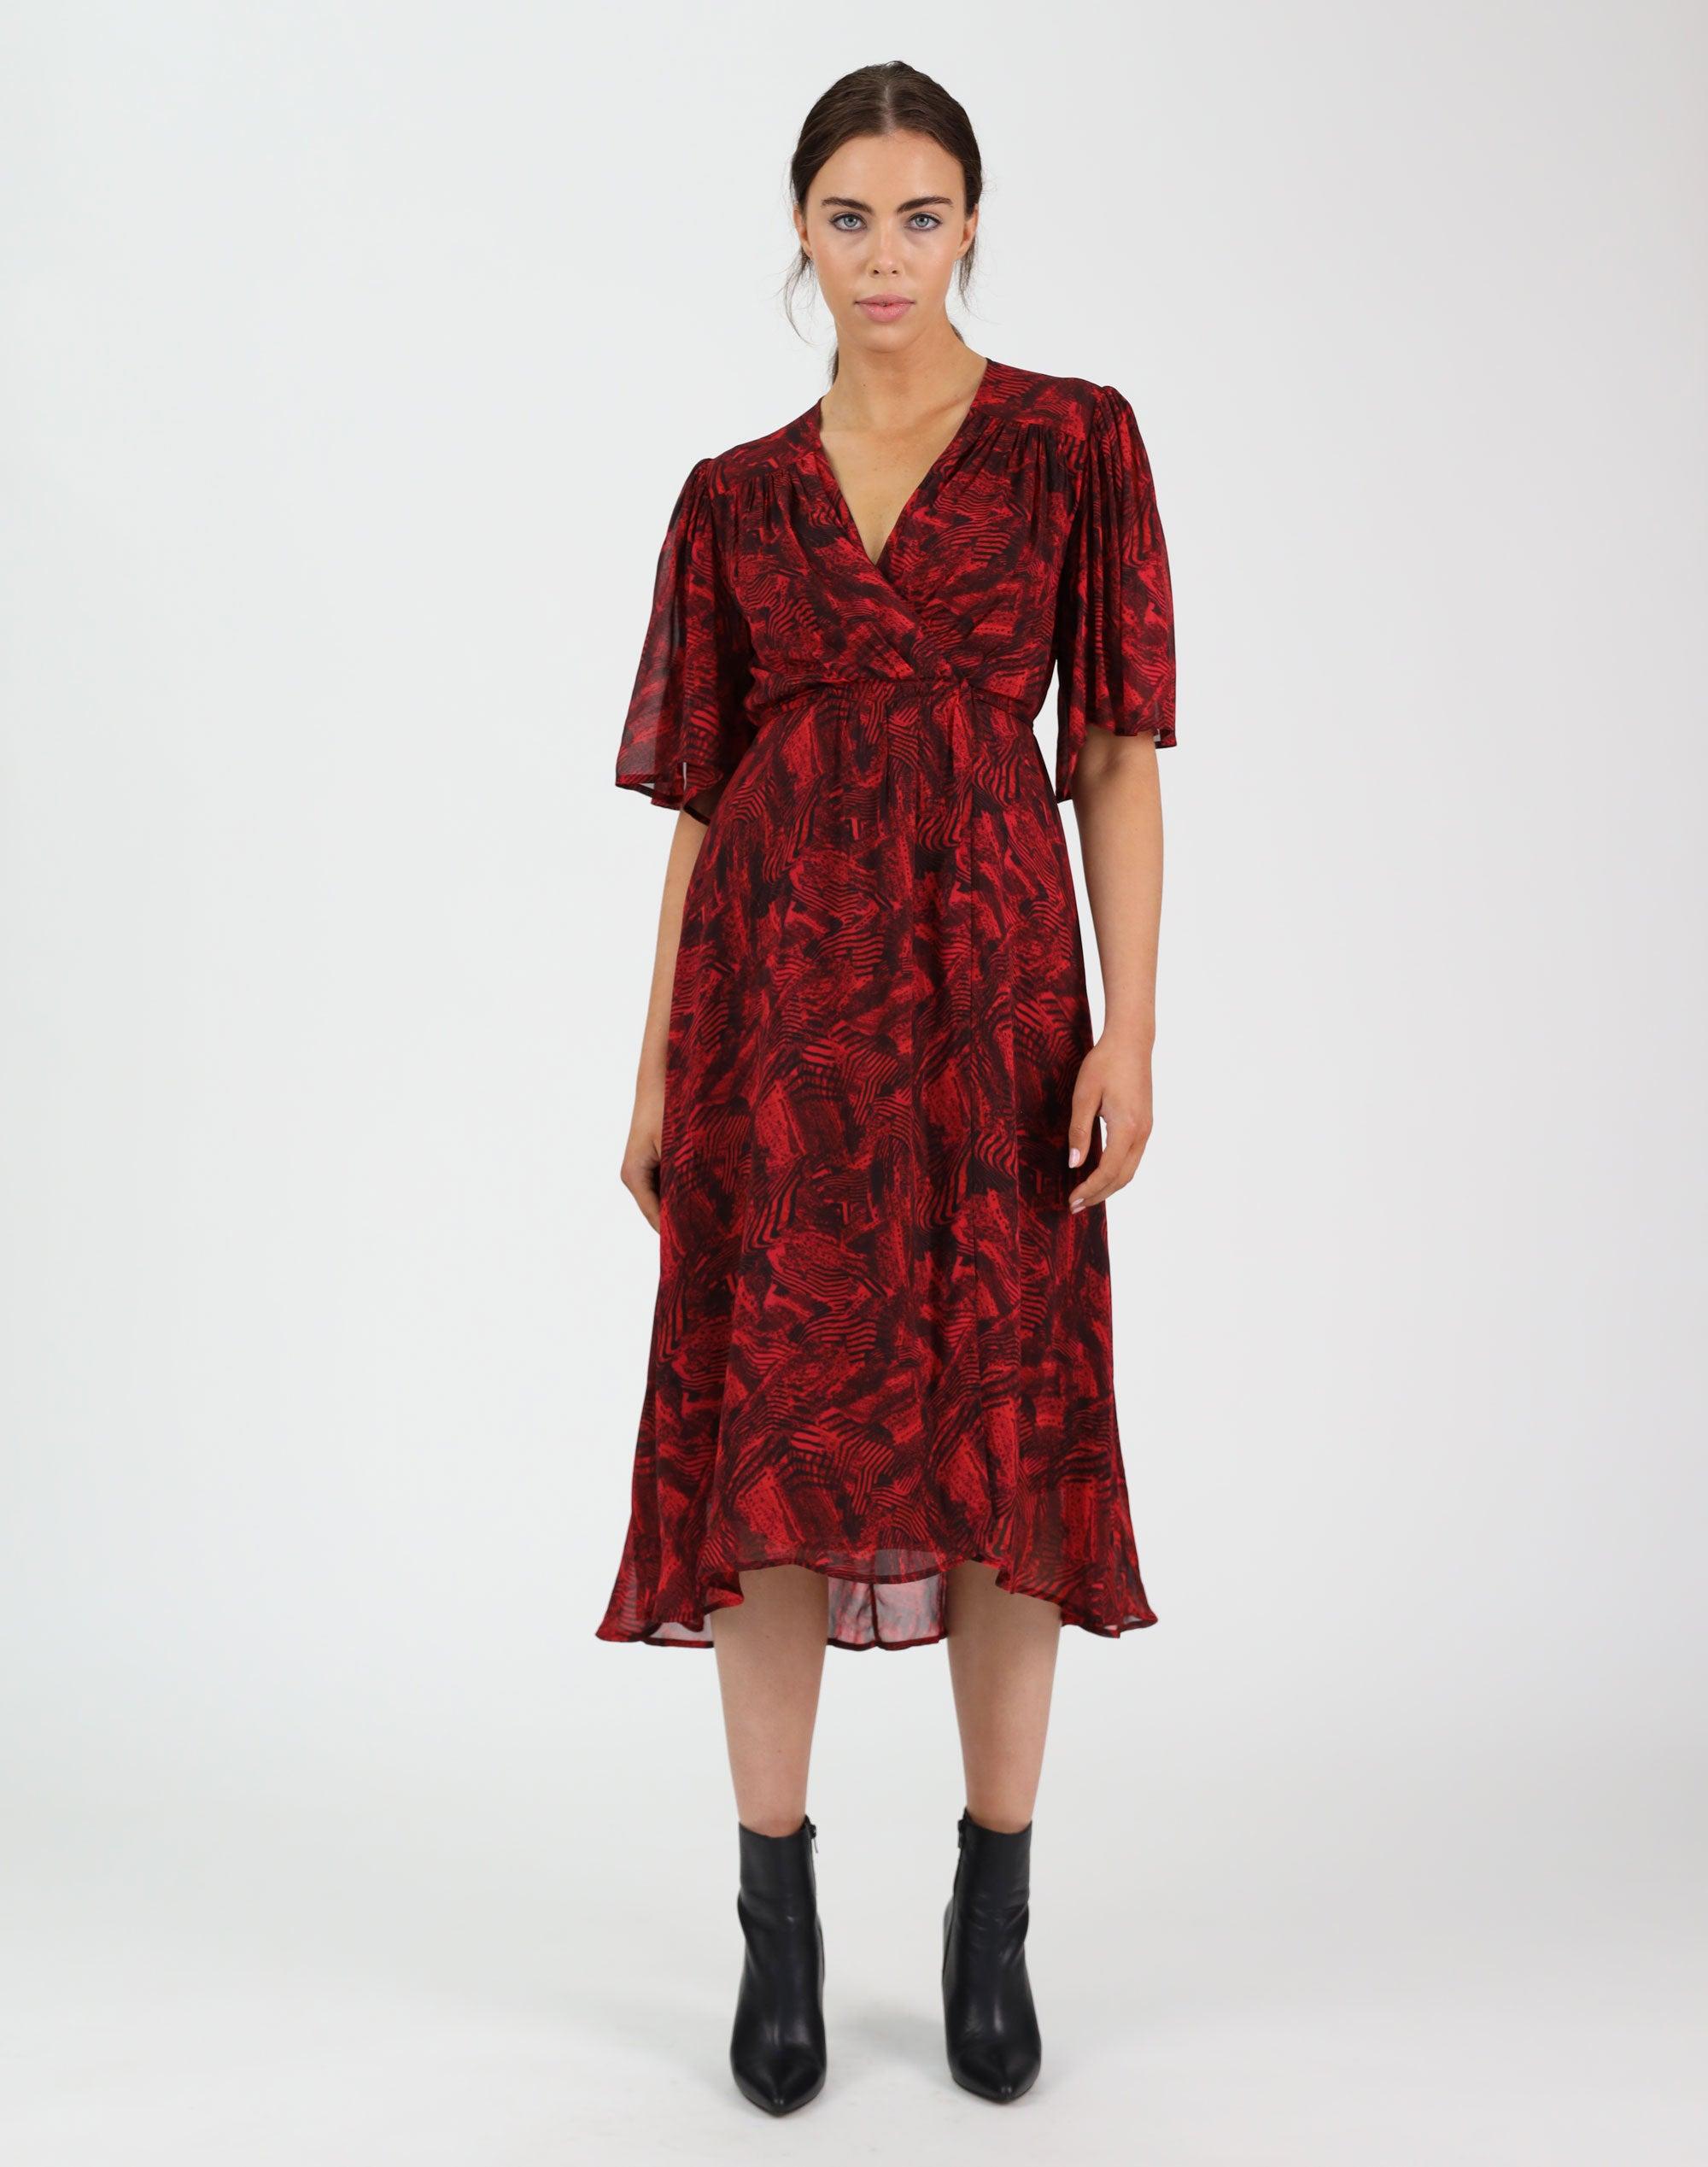 Red Faze Dress